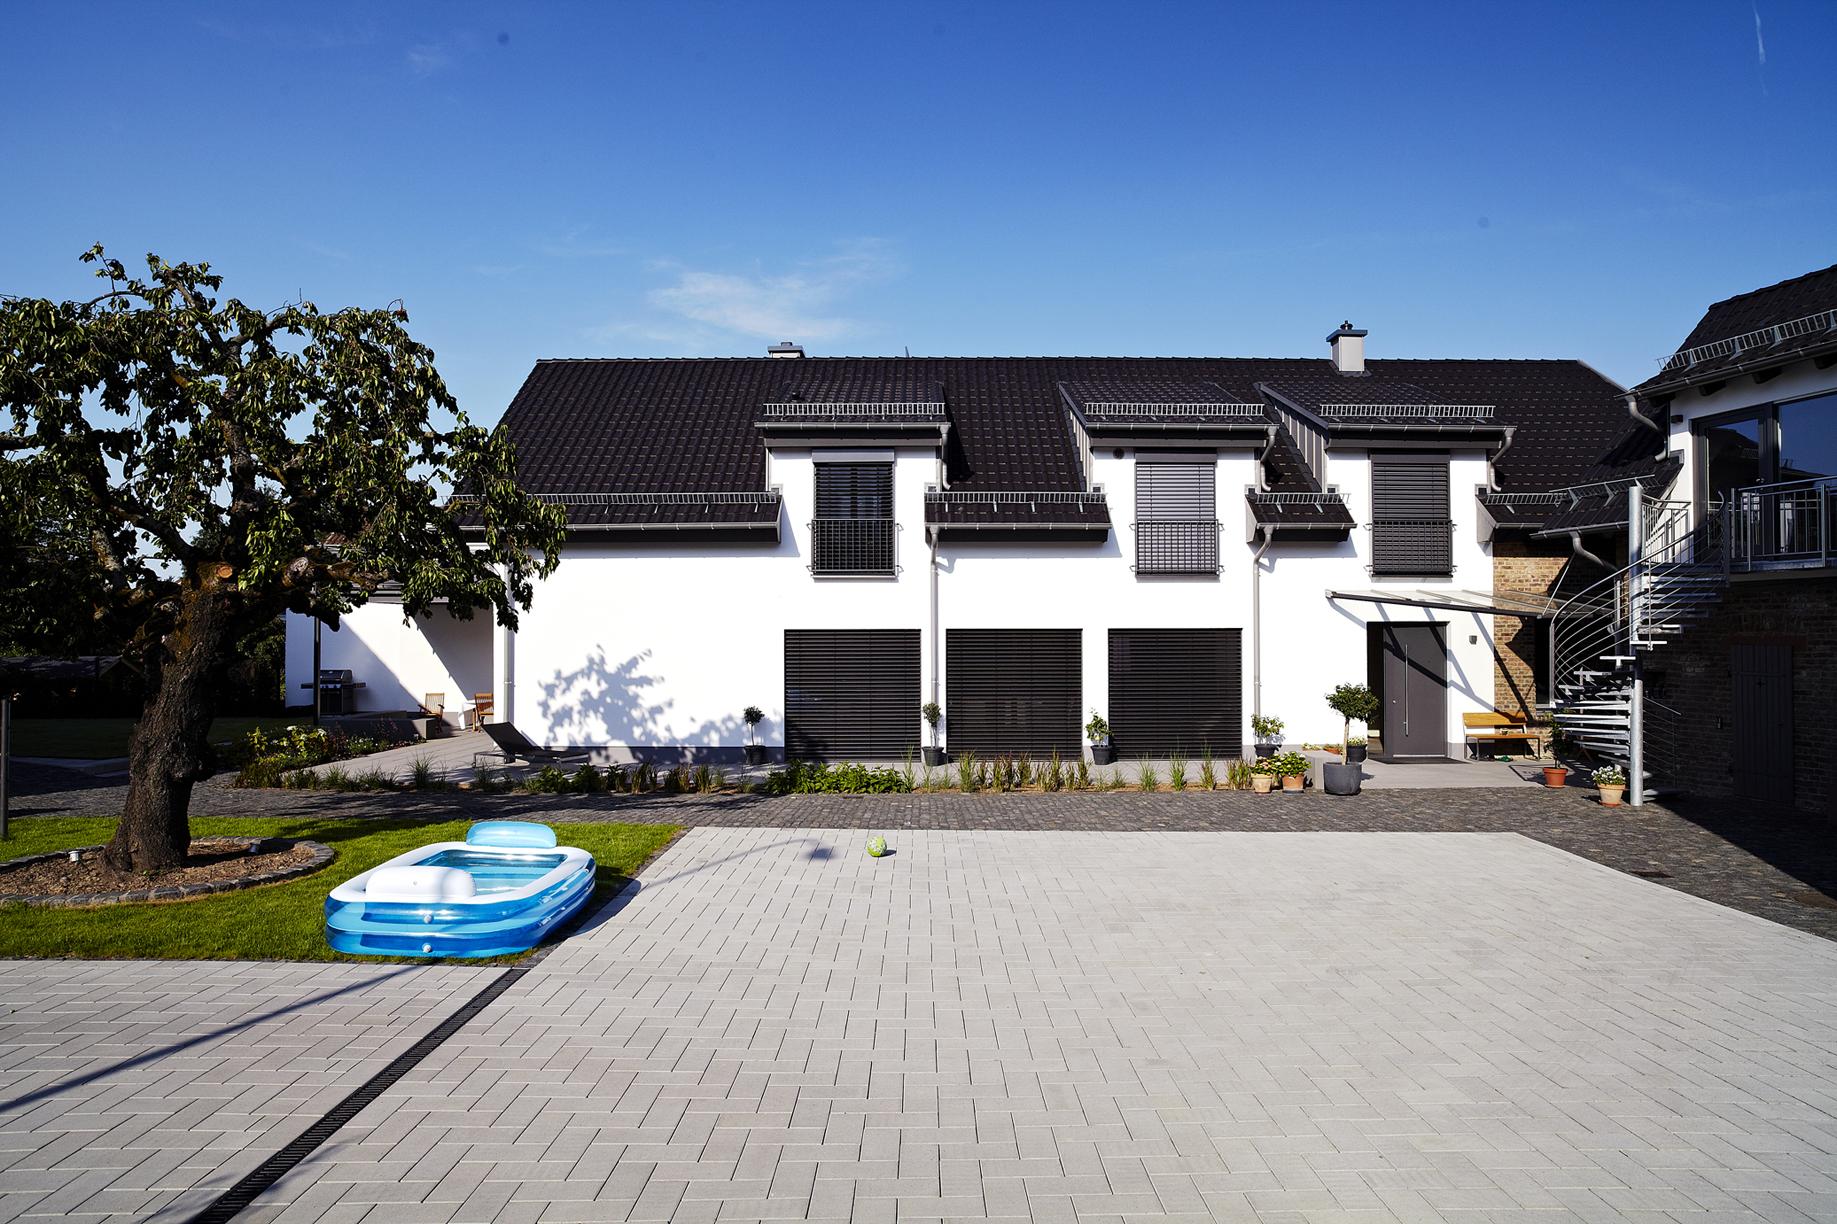 201406 Architektur Kloppenheim 246